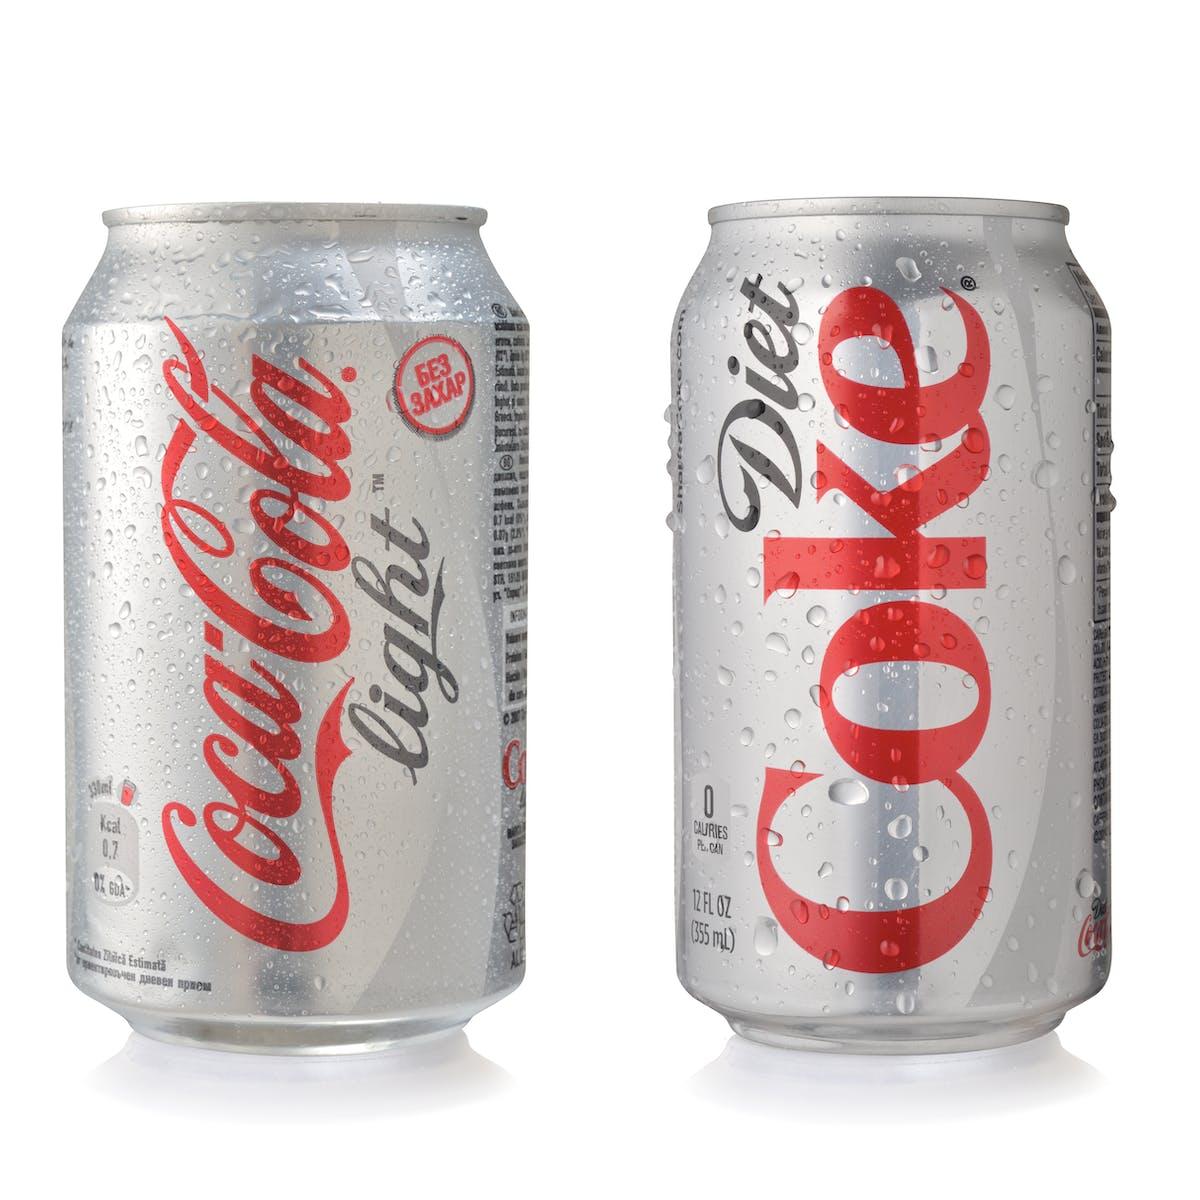 dieta de coca cola y diabetes